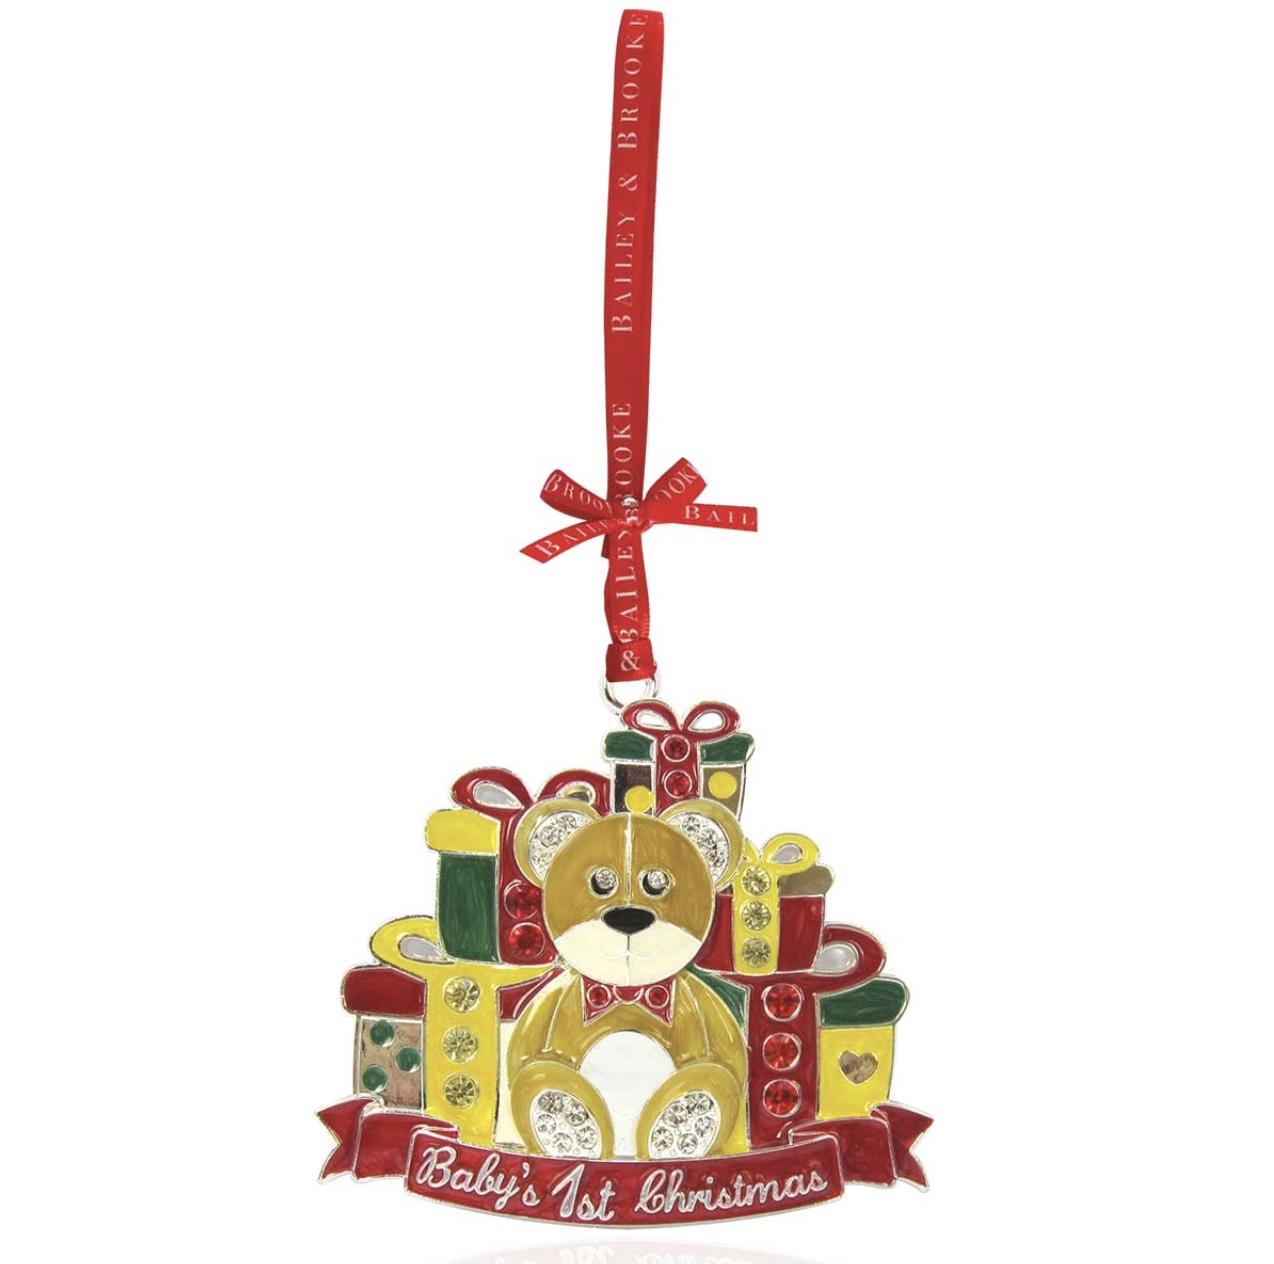 Sparkle Teddy Bear - Baby's First Christmas